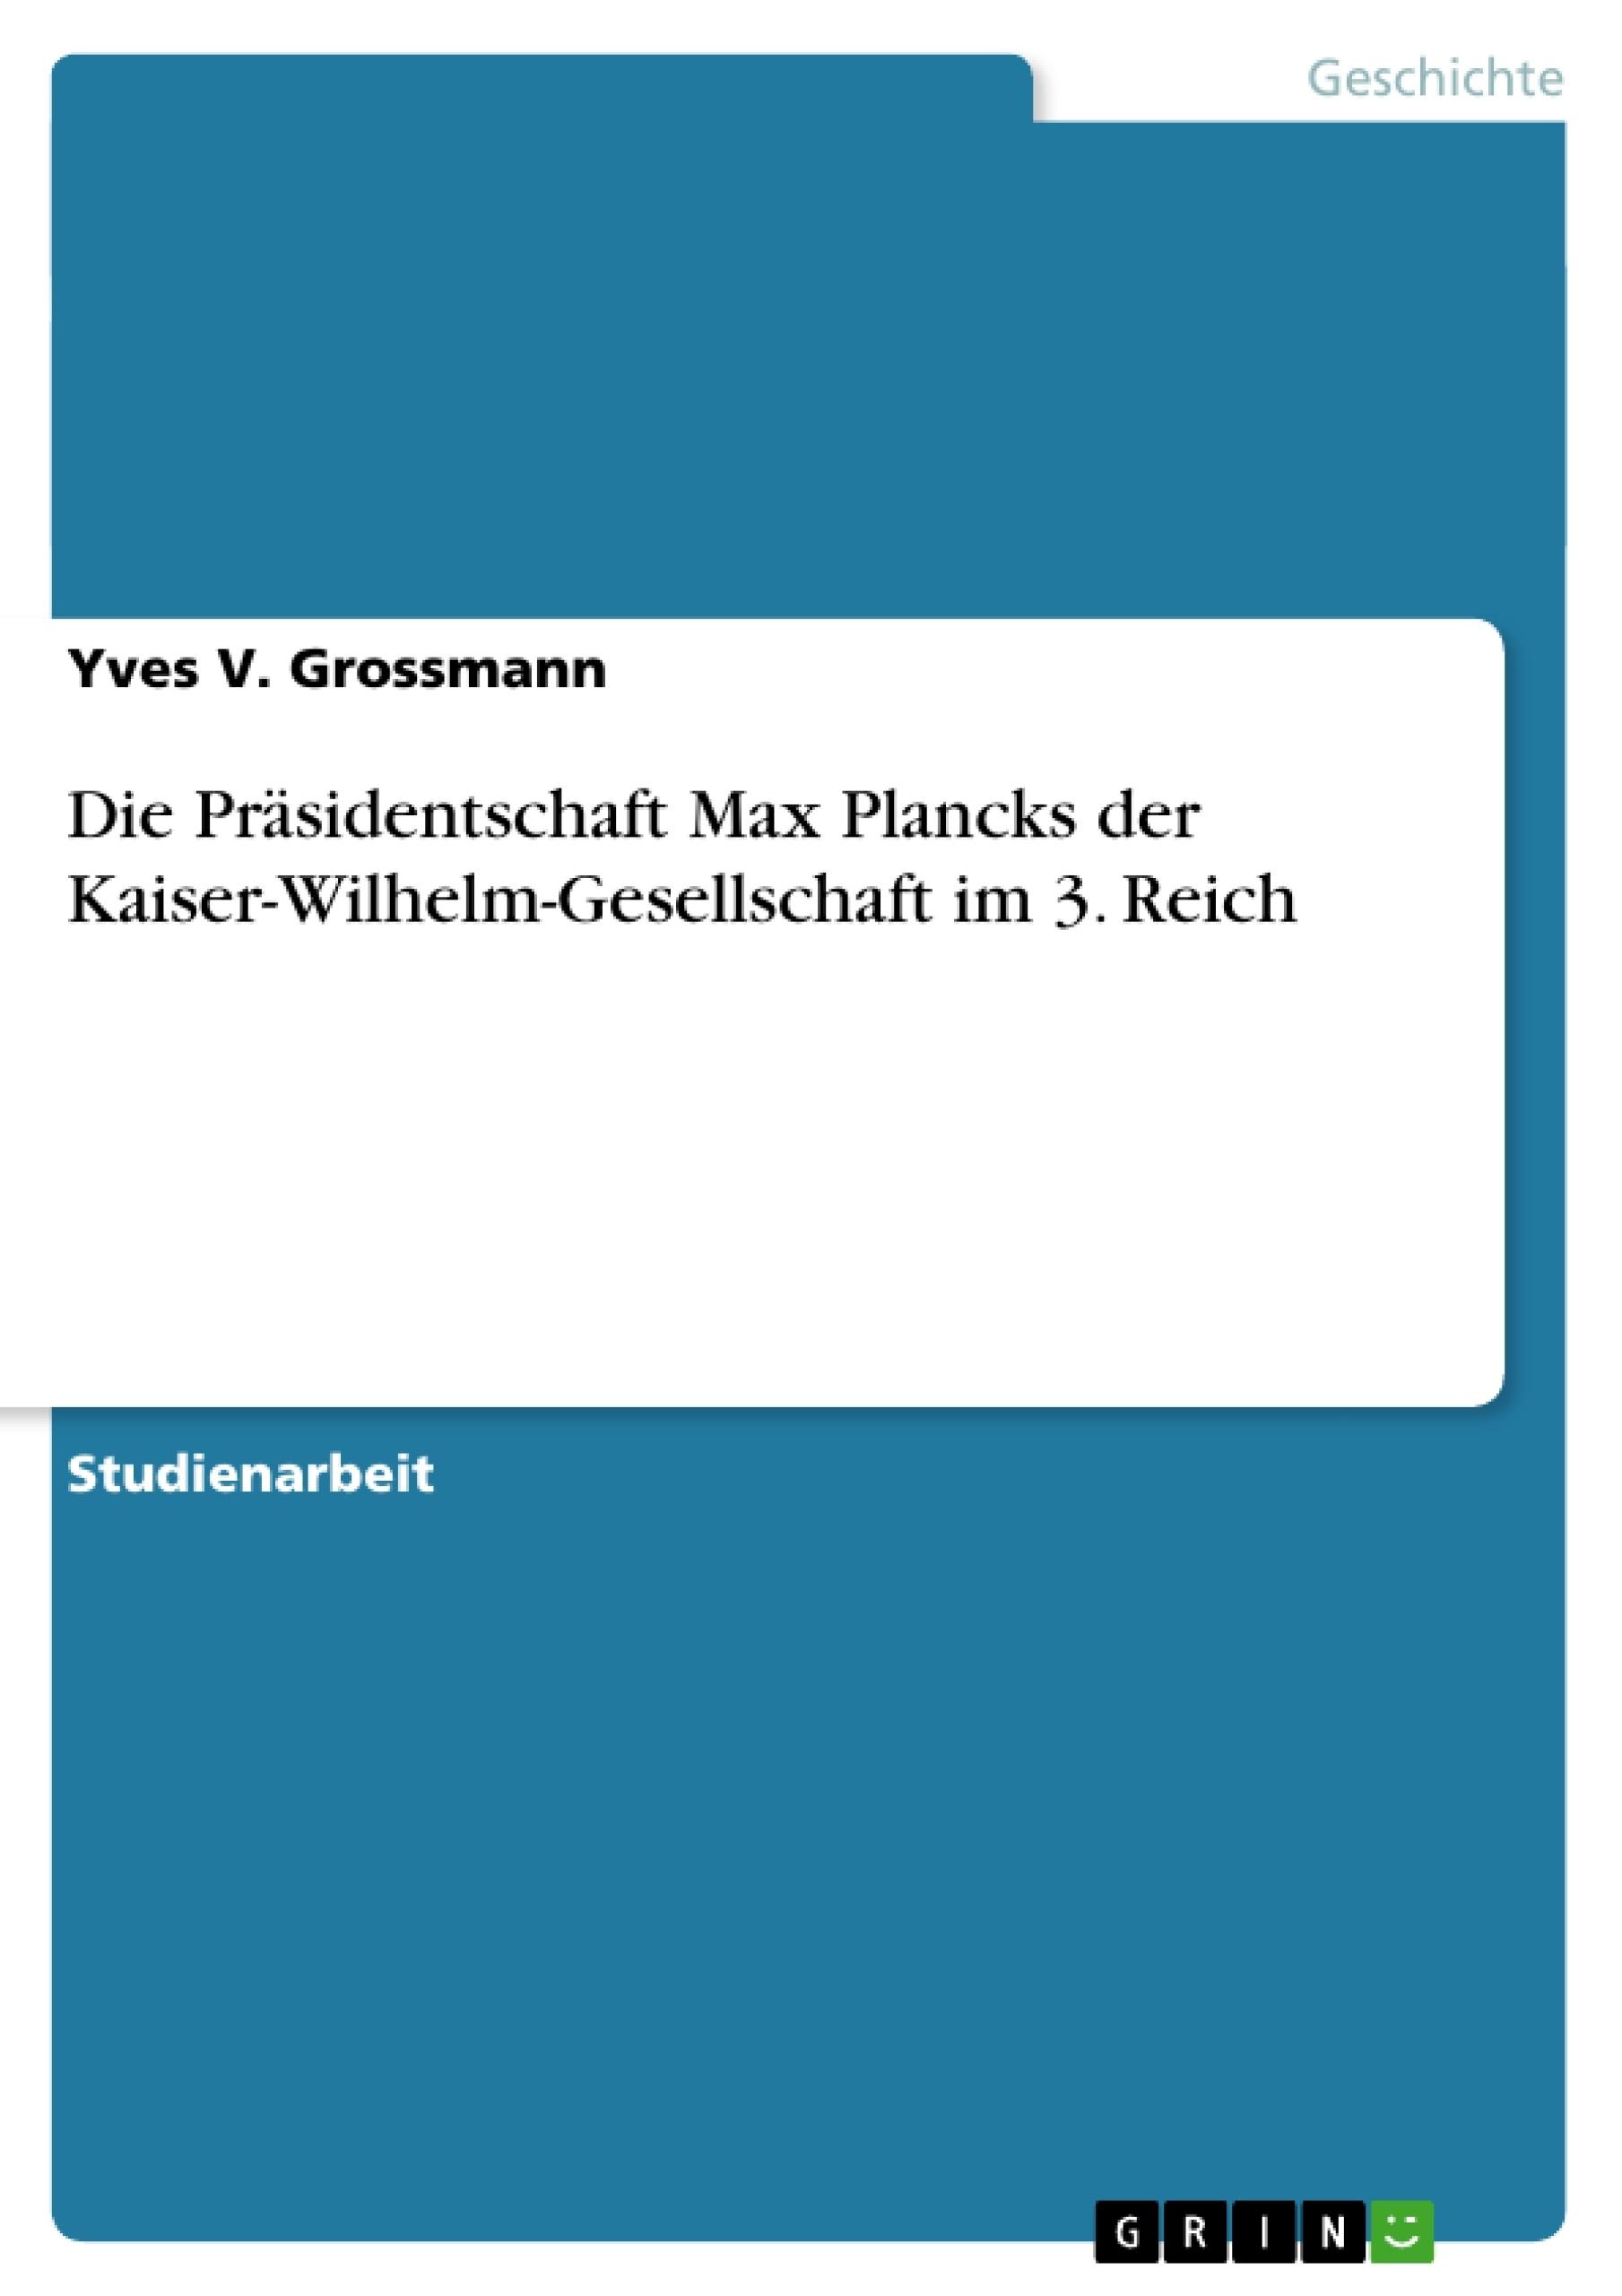 Titel: Die Präsidentschaft Max Plancks der Kaiser-Wilhelm-Gesellschaft im 3. Reich